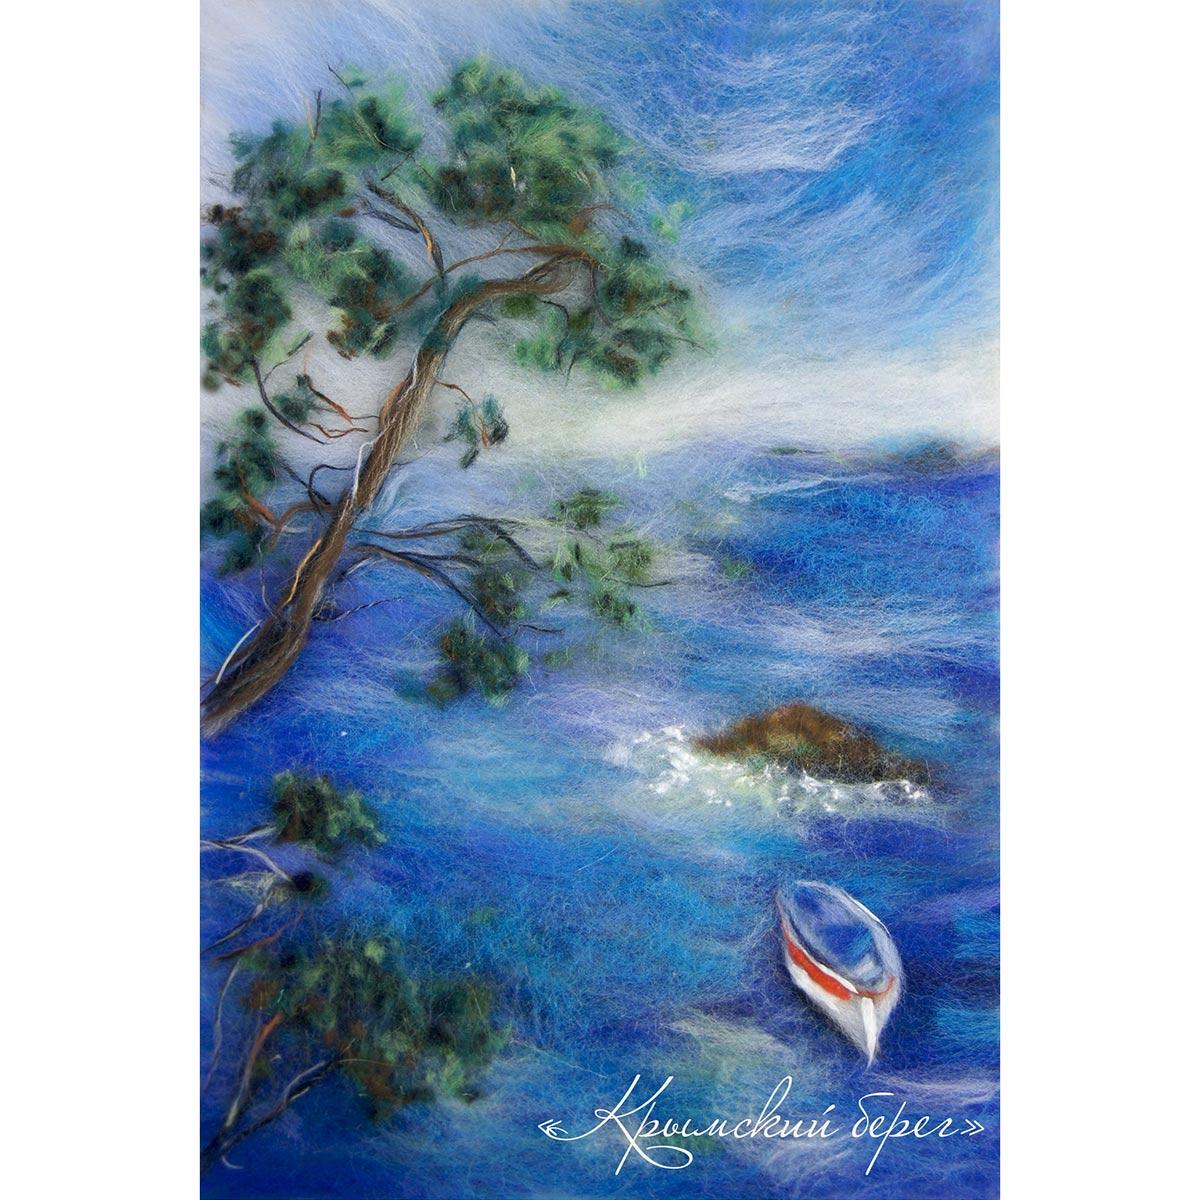 Набор для валяния (живопись цветной шерстью) 'Крымский берег' 21x29,7см (А4)